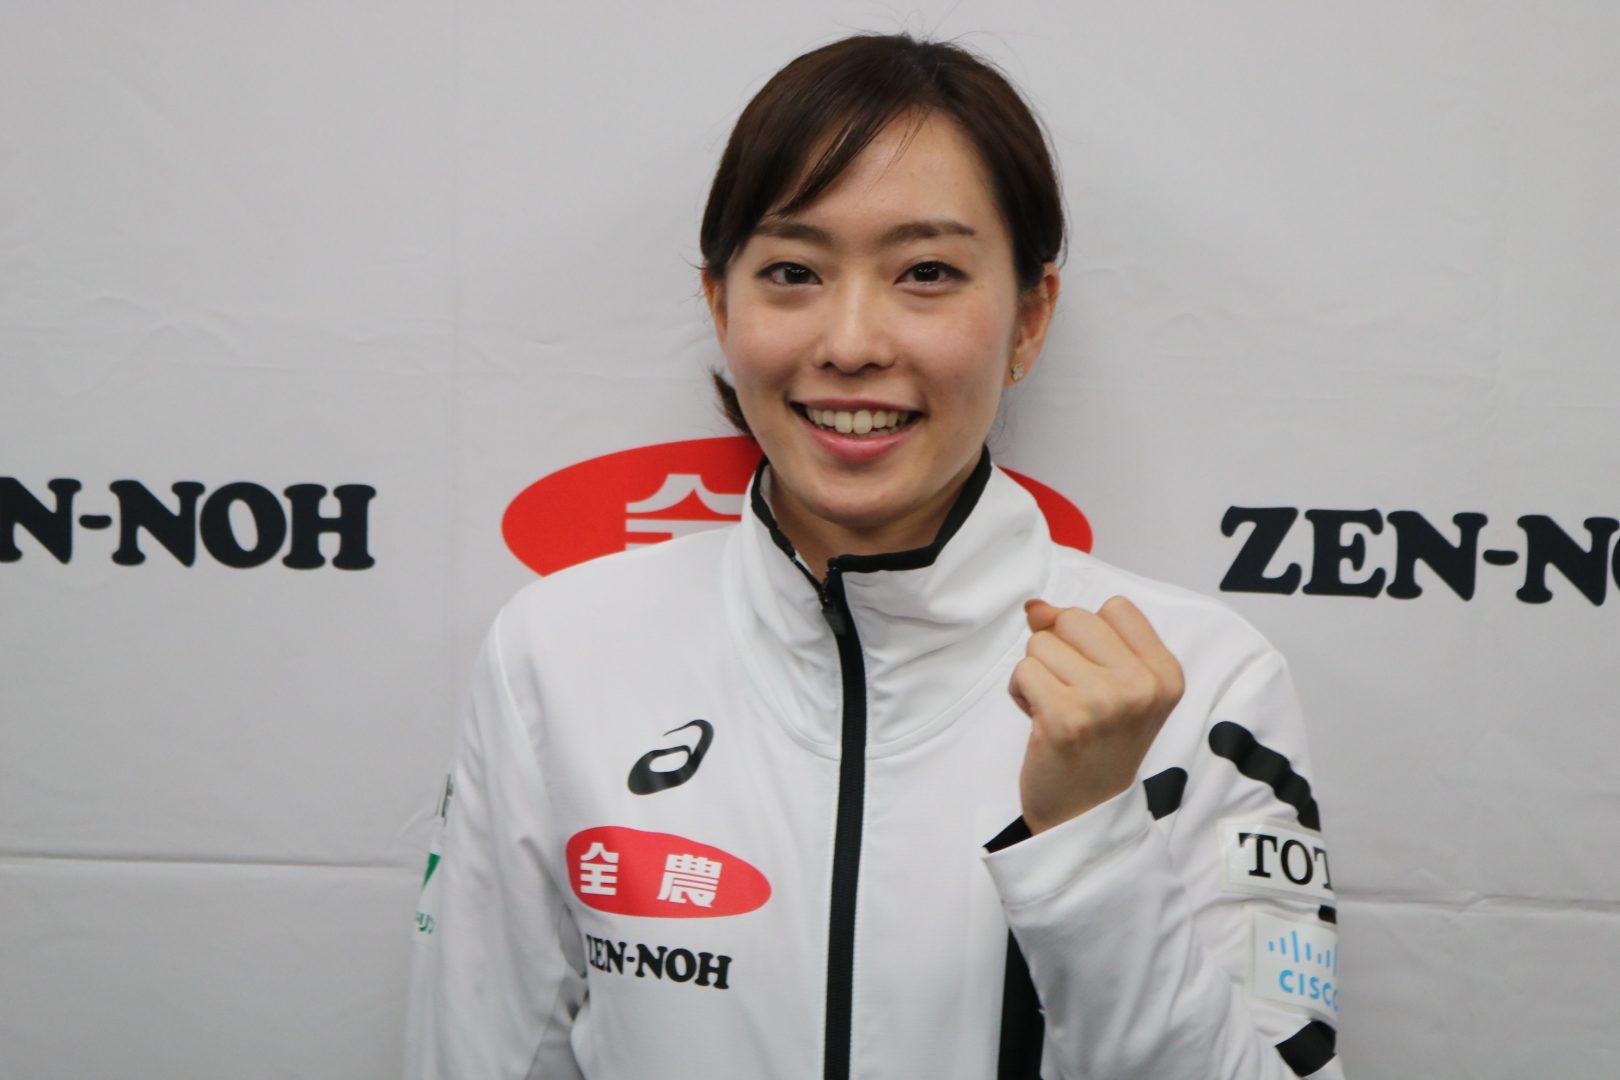 【卓球・Tリーグ】石川佳純「開幕3連戦出ます」 日本女子のエース、ついにTリーグへ参戦